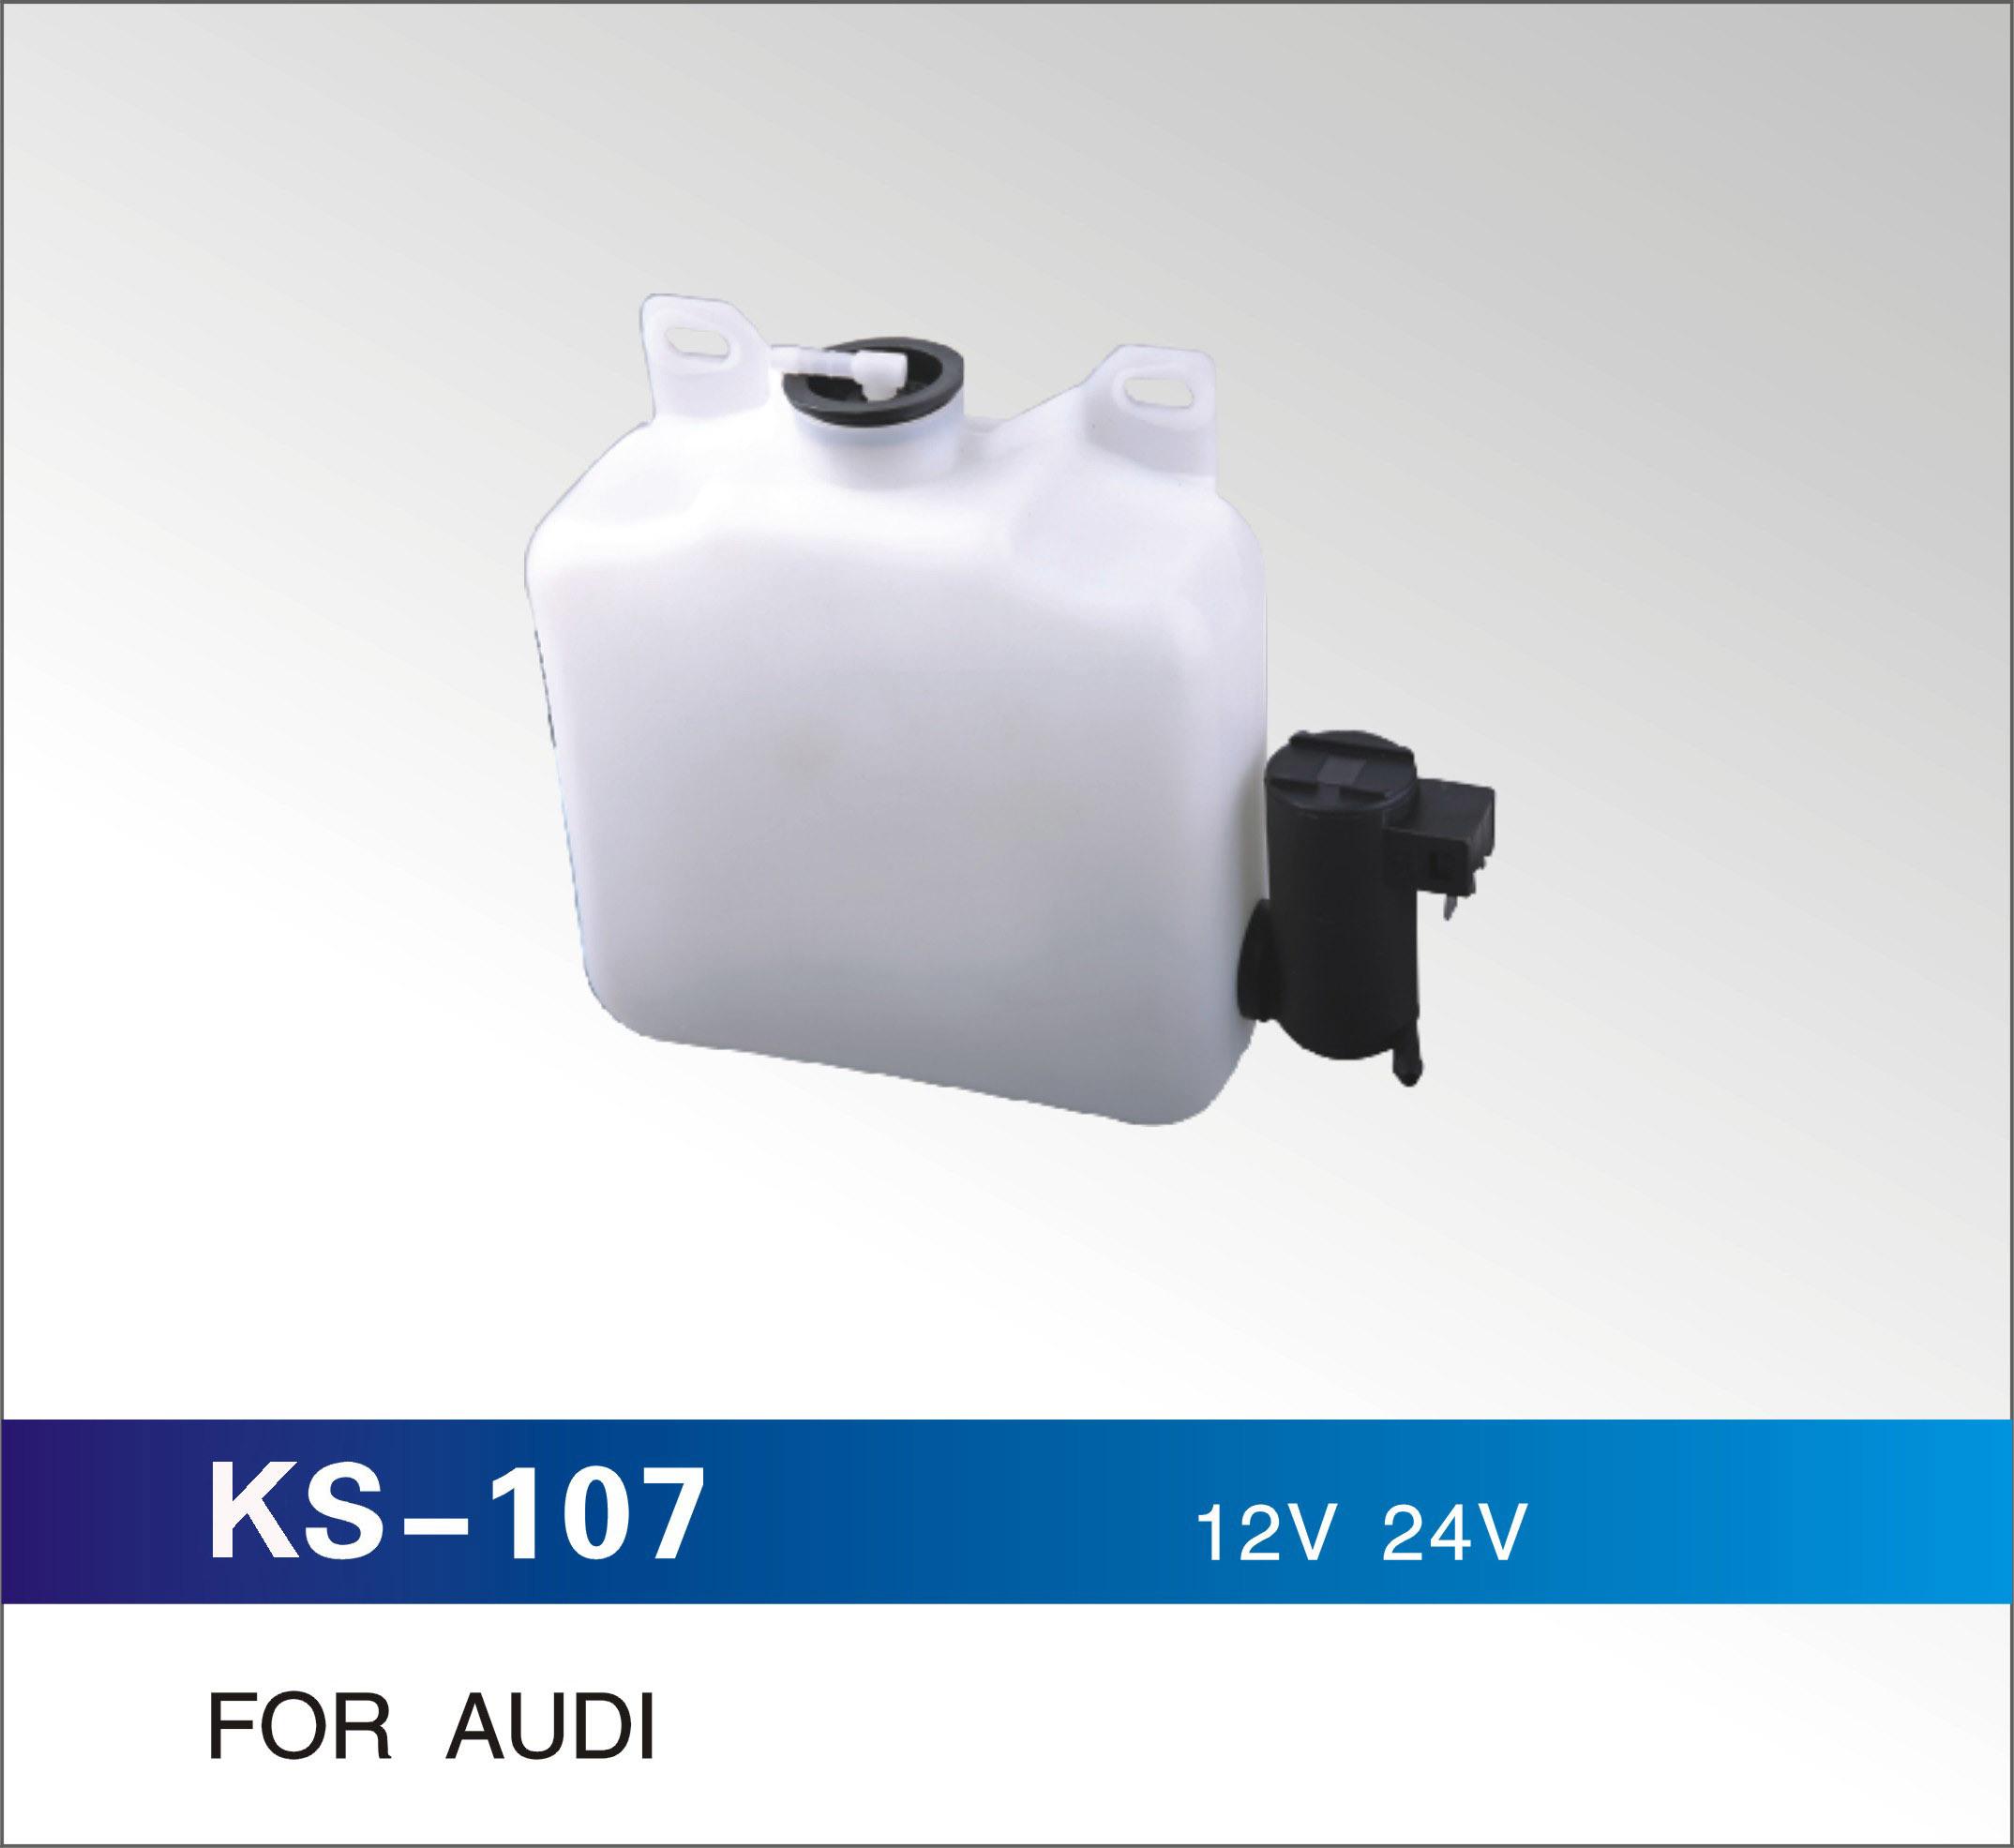 1 PC de pompe universelle pour lave-glace de pare-brise 12V moteur dessuie-glace pour camion de voiture et bus. Lave-glace